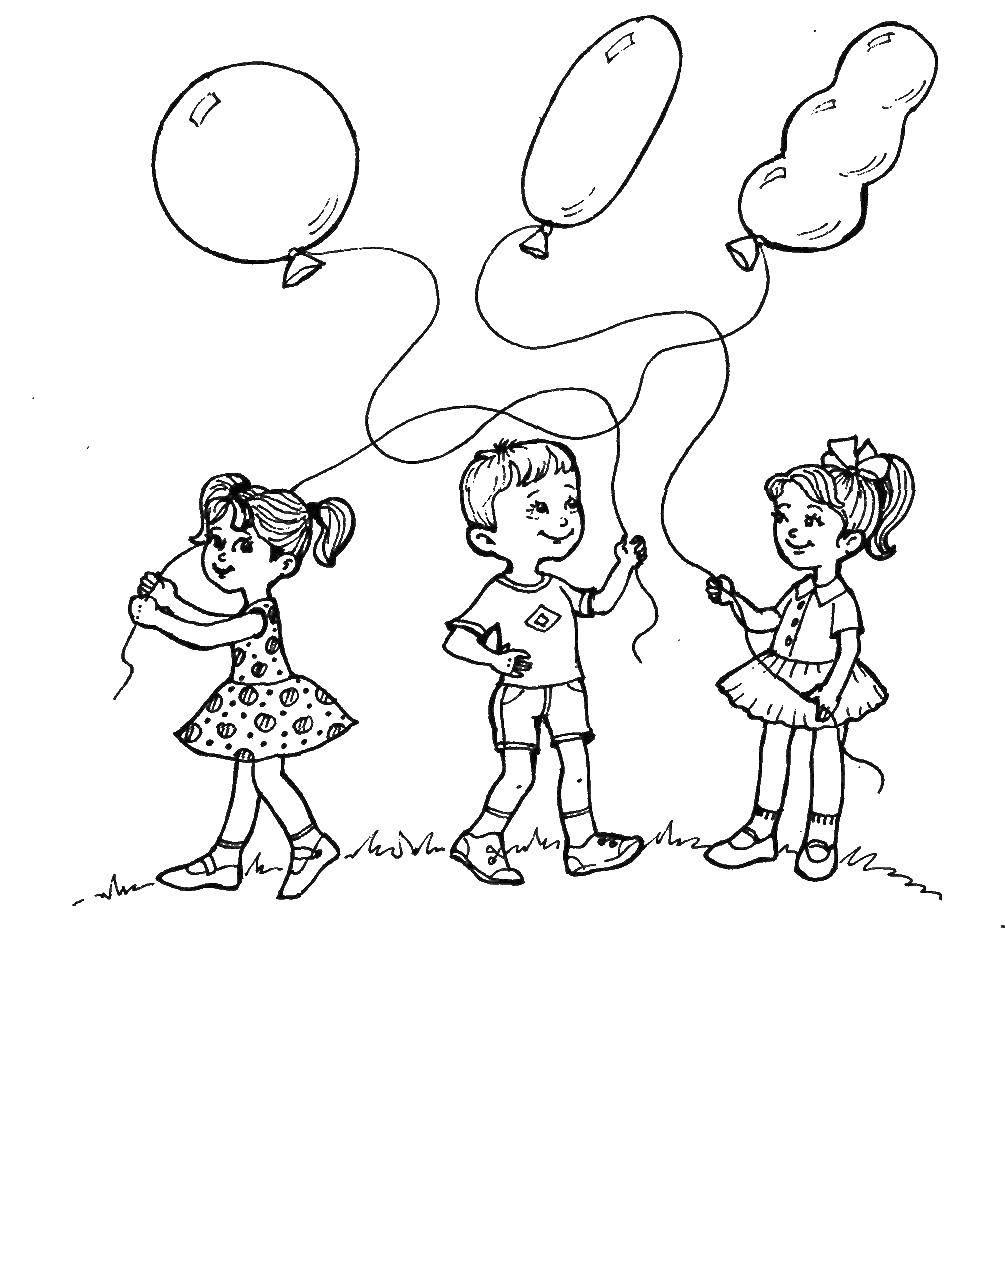 Раскраска Дети играют с воздушными шариками на поляне Скачать Дети, игры, отдых, природа, воздушные шарики.  Распечатать ,дети,